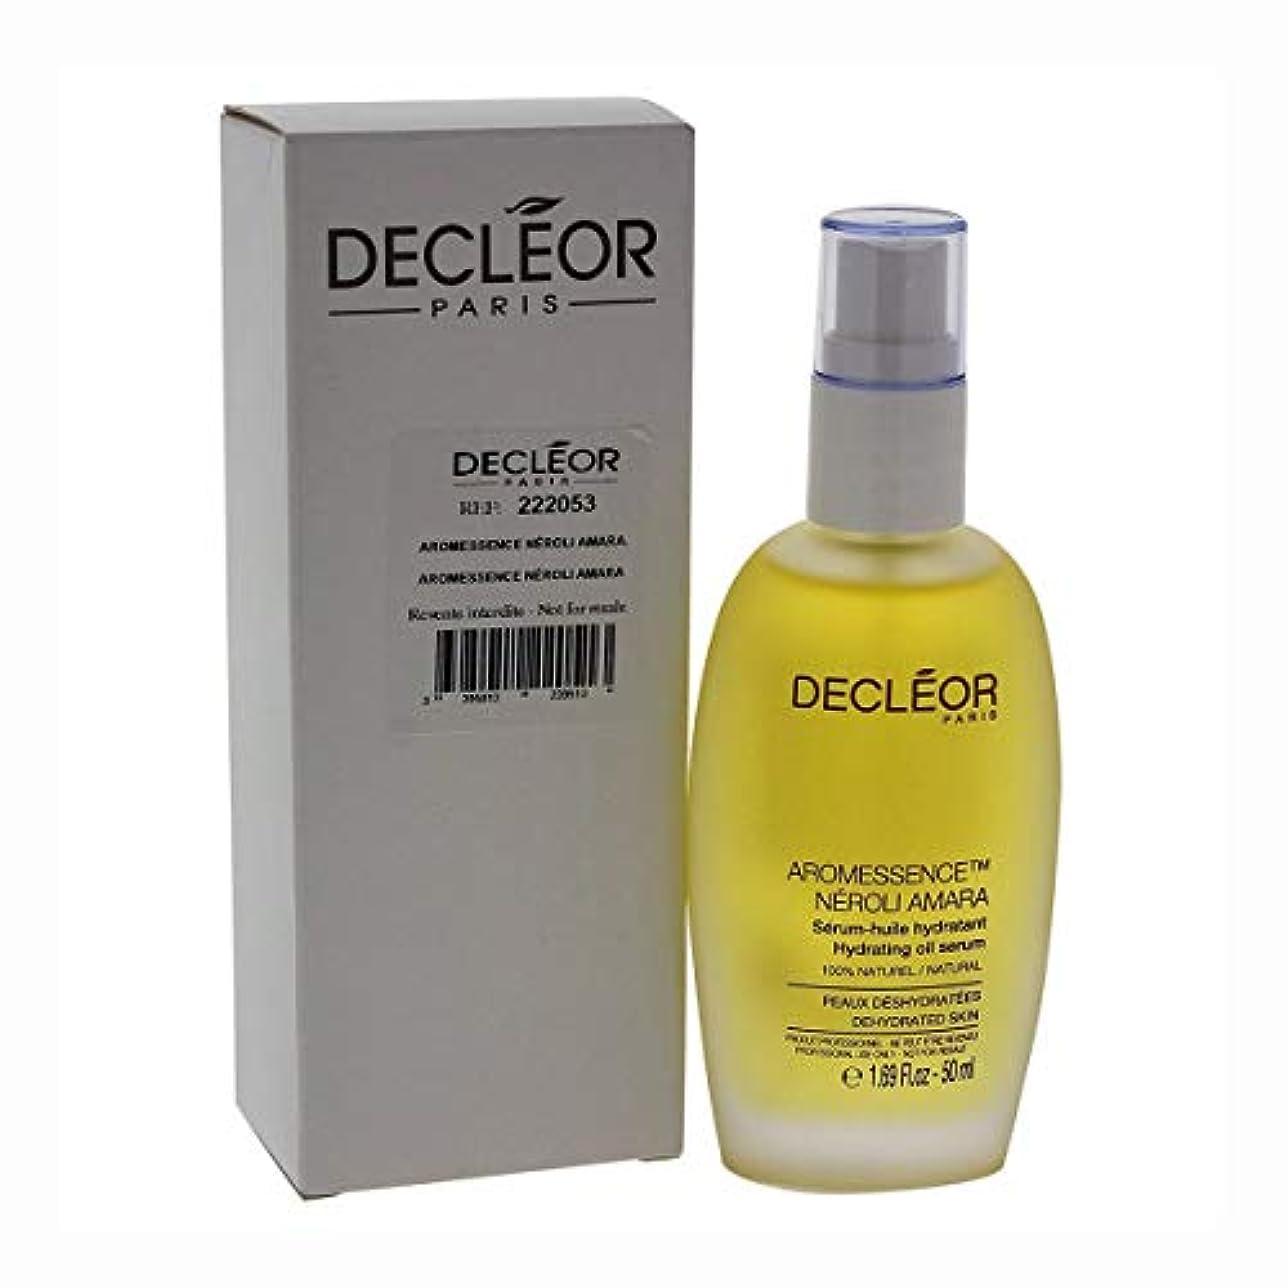 スペクトラムフォーマルハブデクレオール Aromessence Neroli Amara Hydrating Oil Serum - For Dehydrated Skin (Salon Size) 50ml/1.69oz並行輸入品